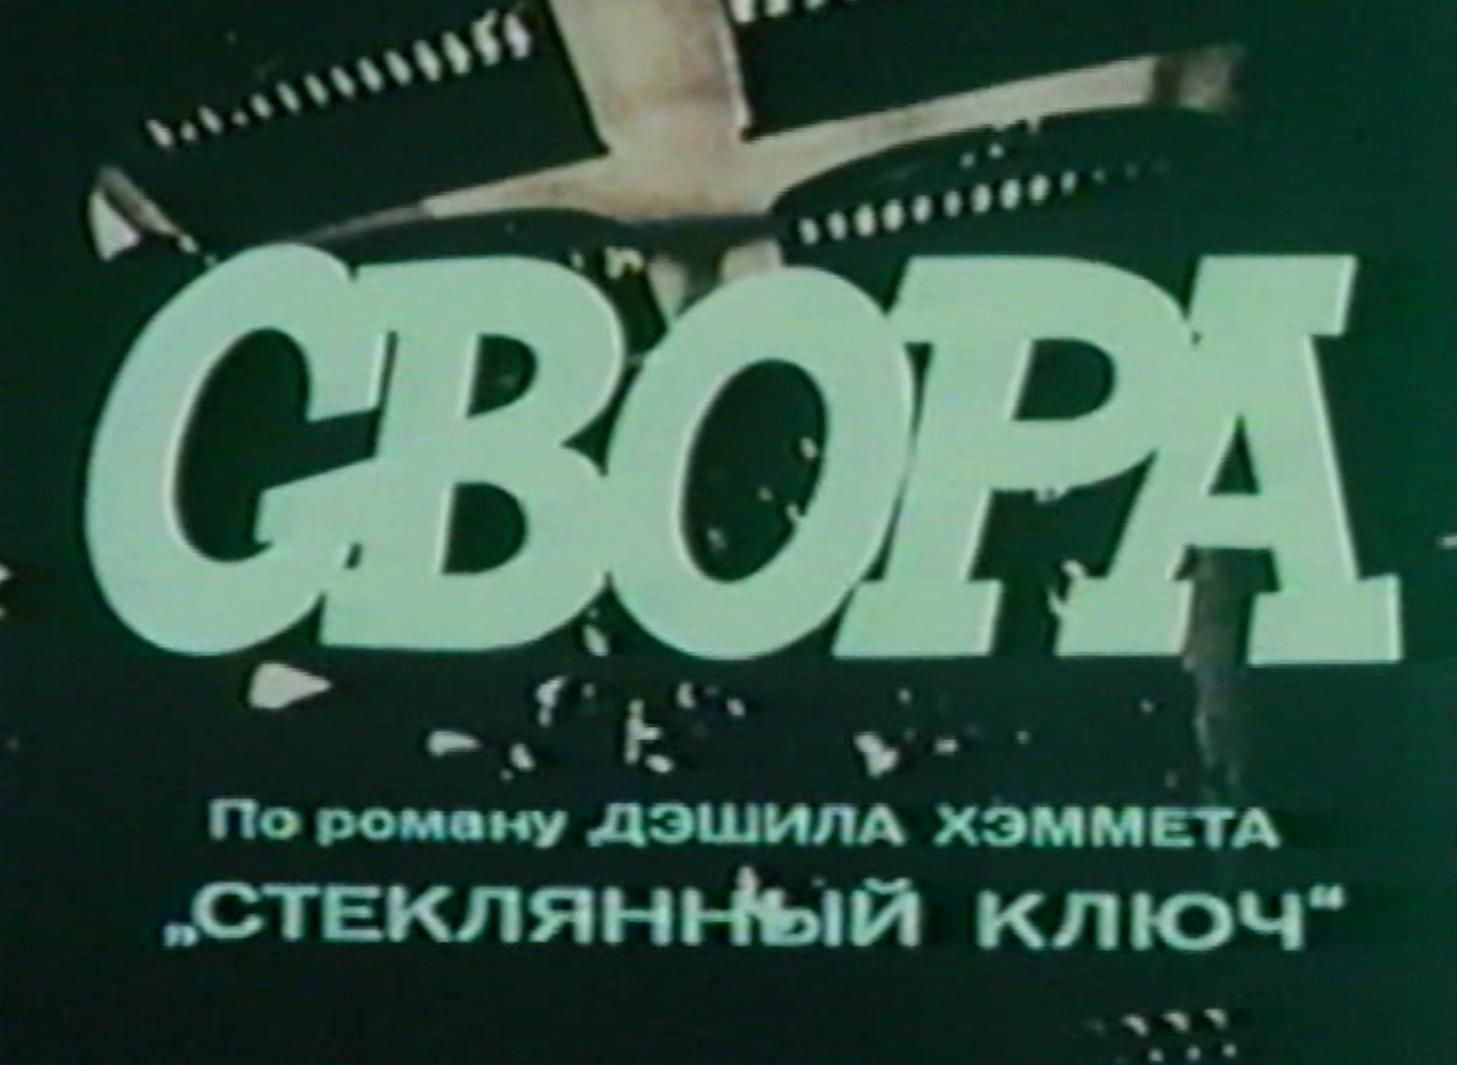 Фильм «Свора» (1985)